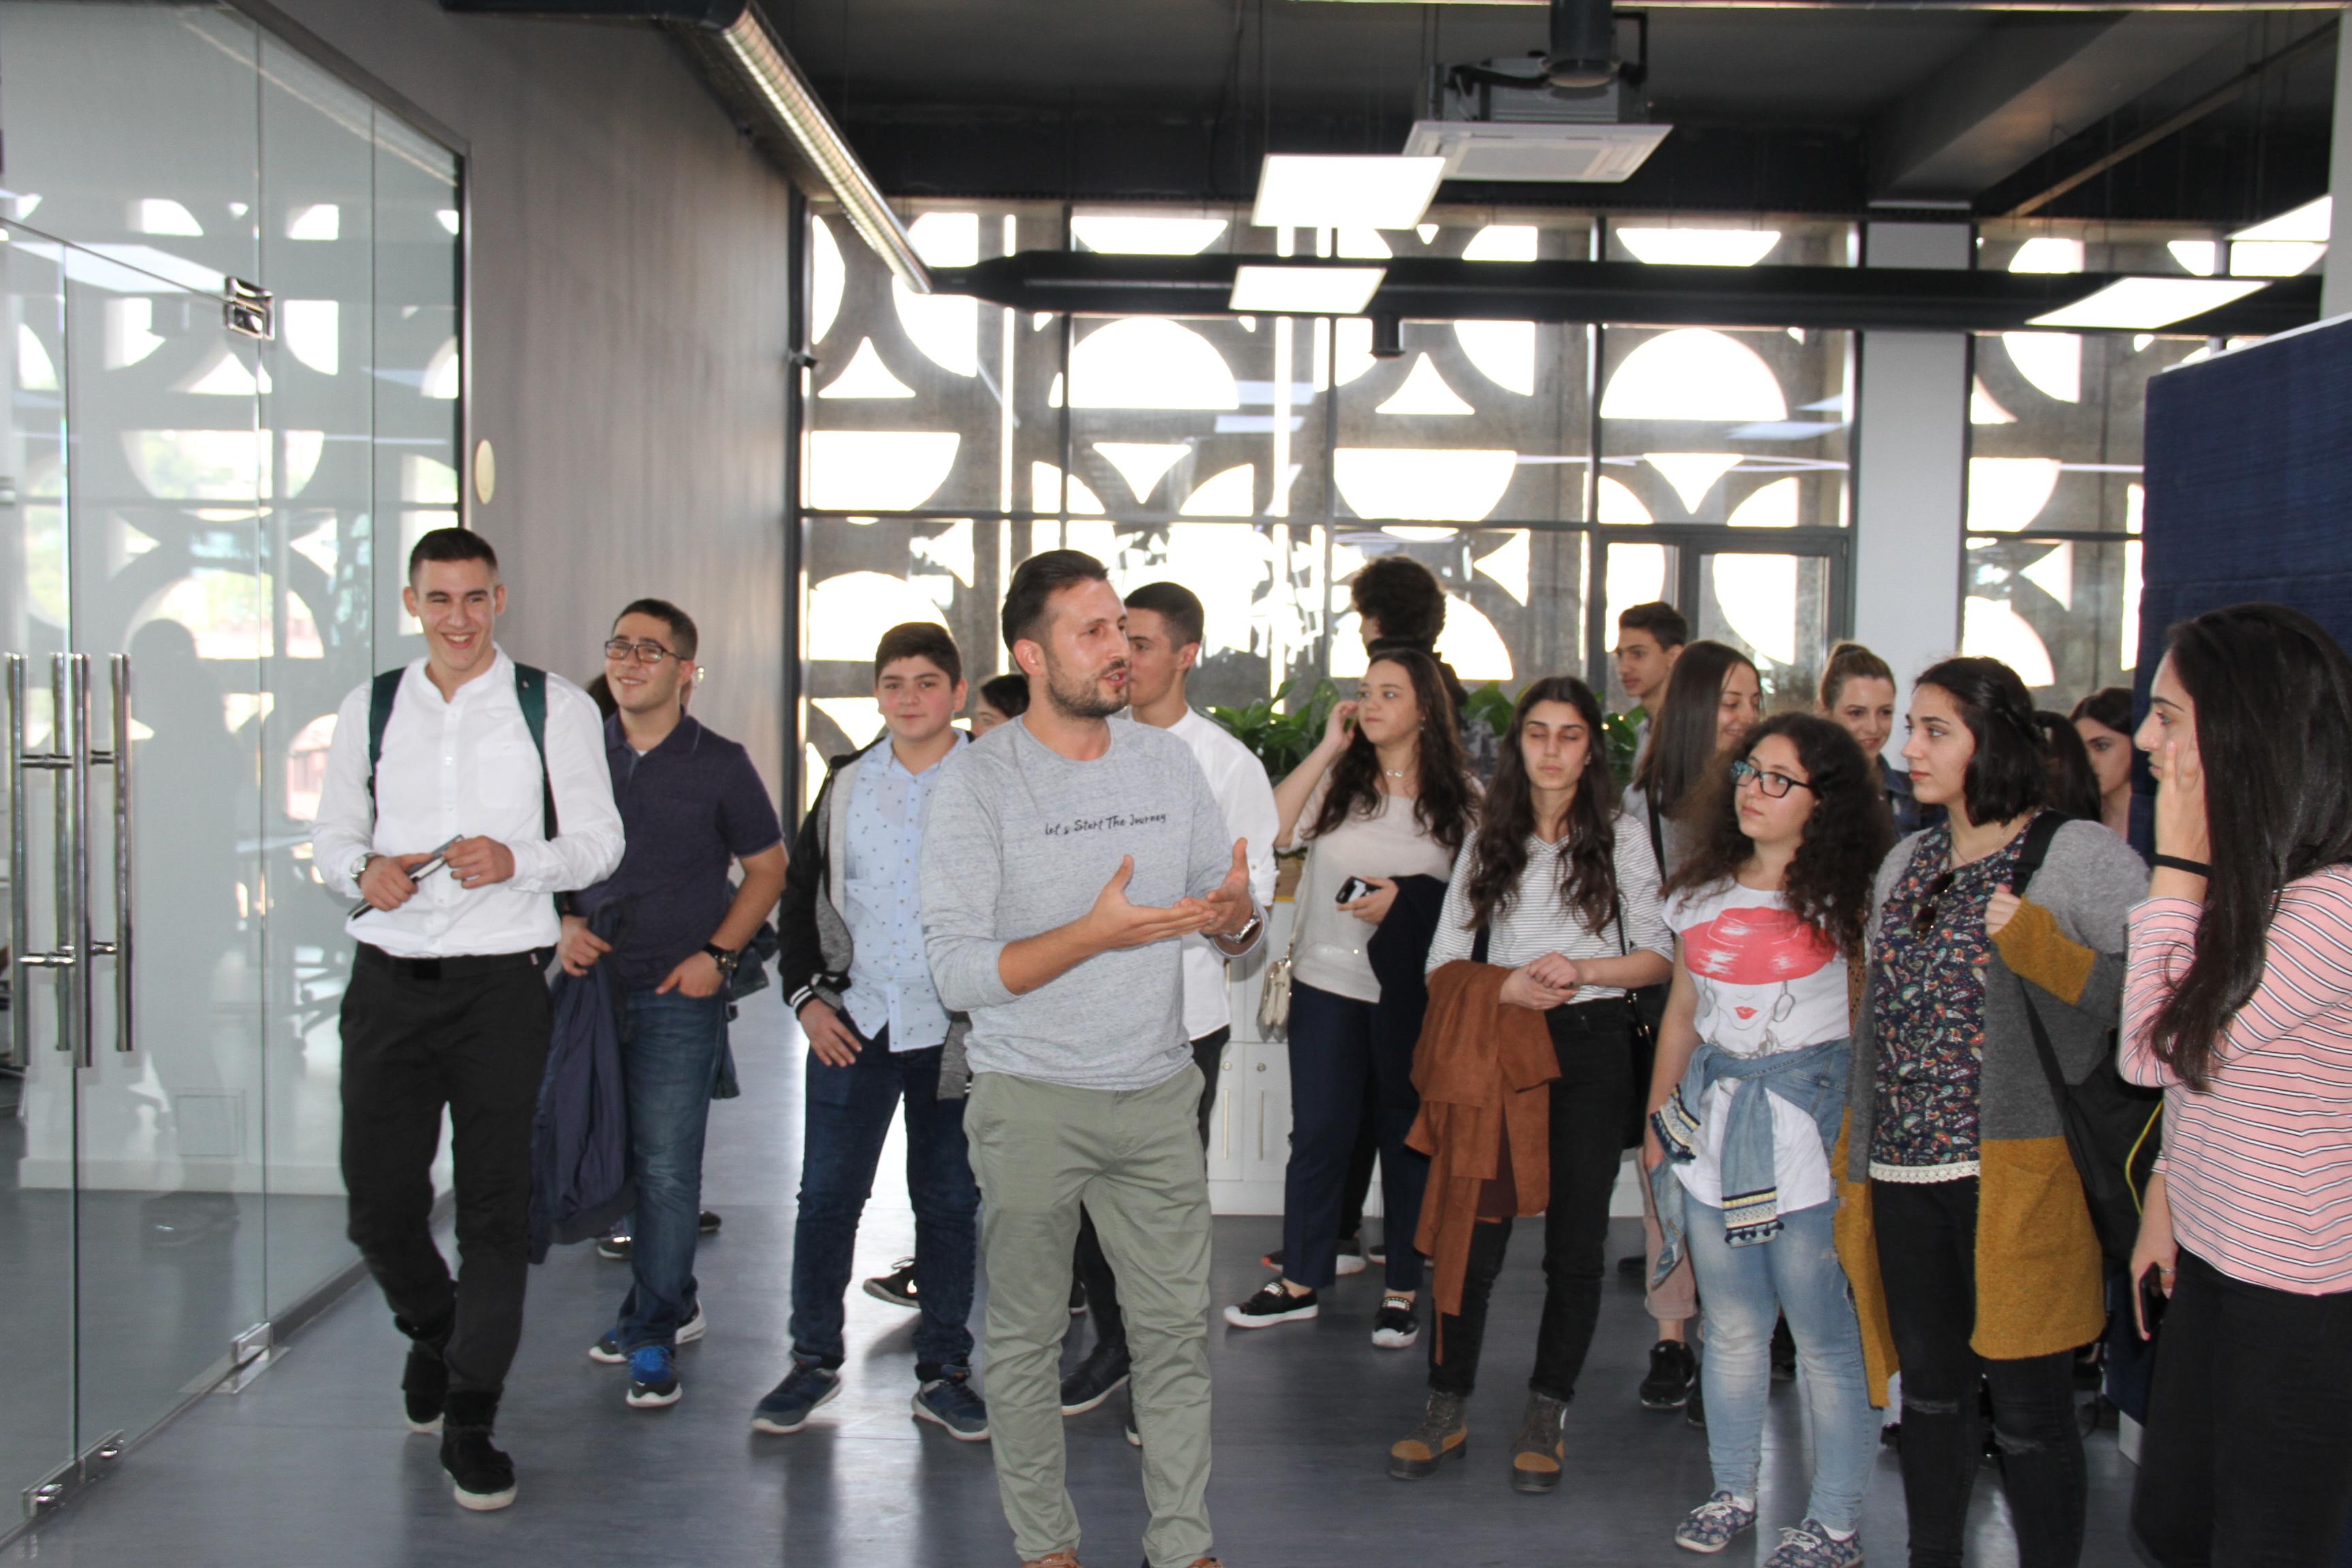 Beeline-ի գրասենյակում տեղի ունեցավ հանդիպում Summer Business School 2018-ի մասնակիցների հետ